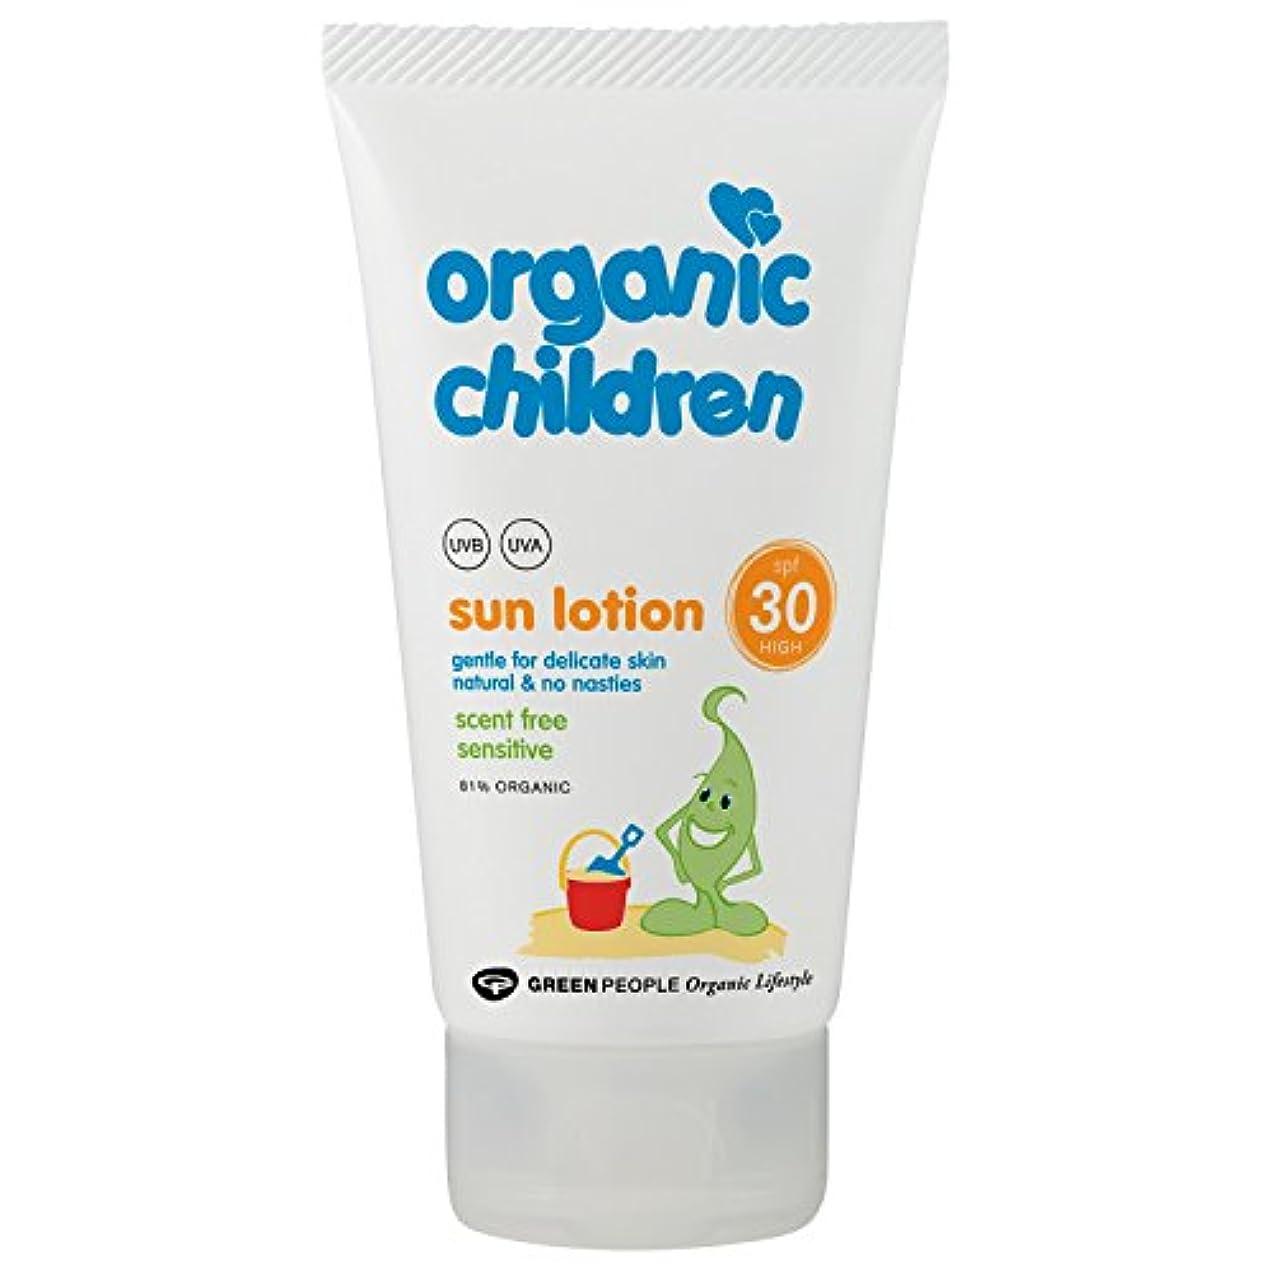 原告幸福異なる有機子どもたちは30日のローション150グラムを x4 - Organic Children SPF 30 Sun Lotion 150g (Pack of 4) [並行輸入品]